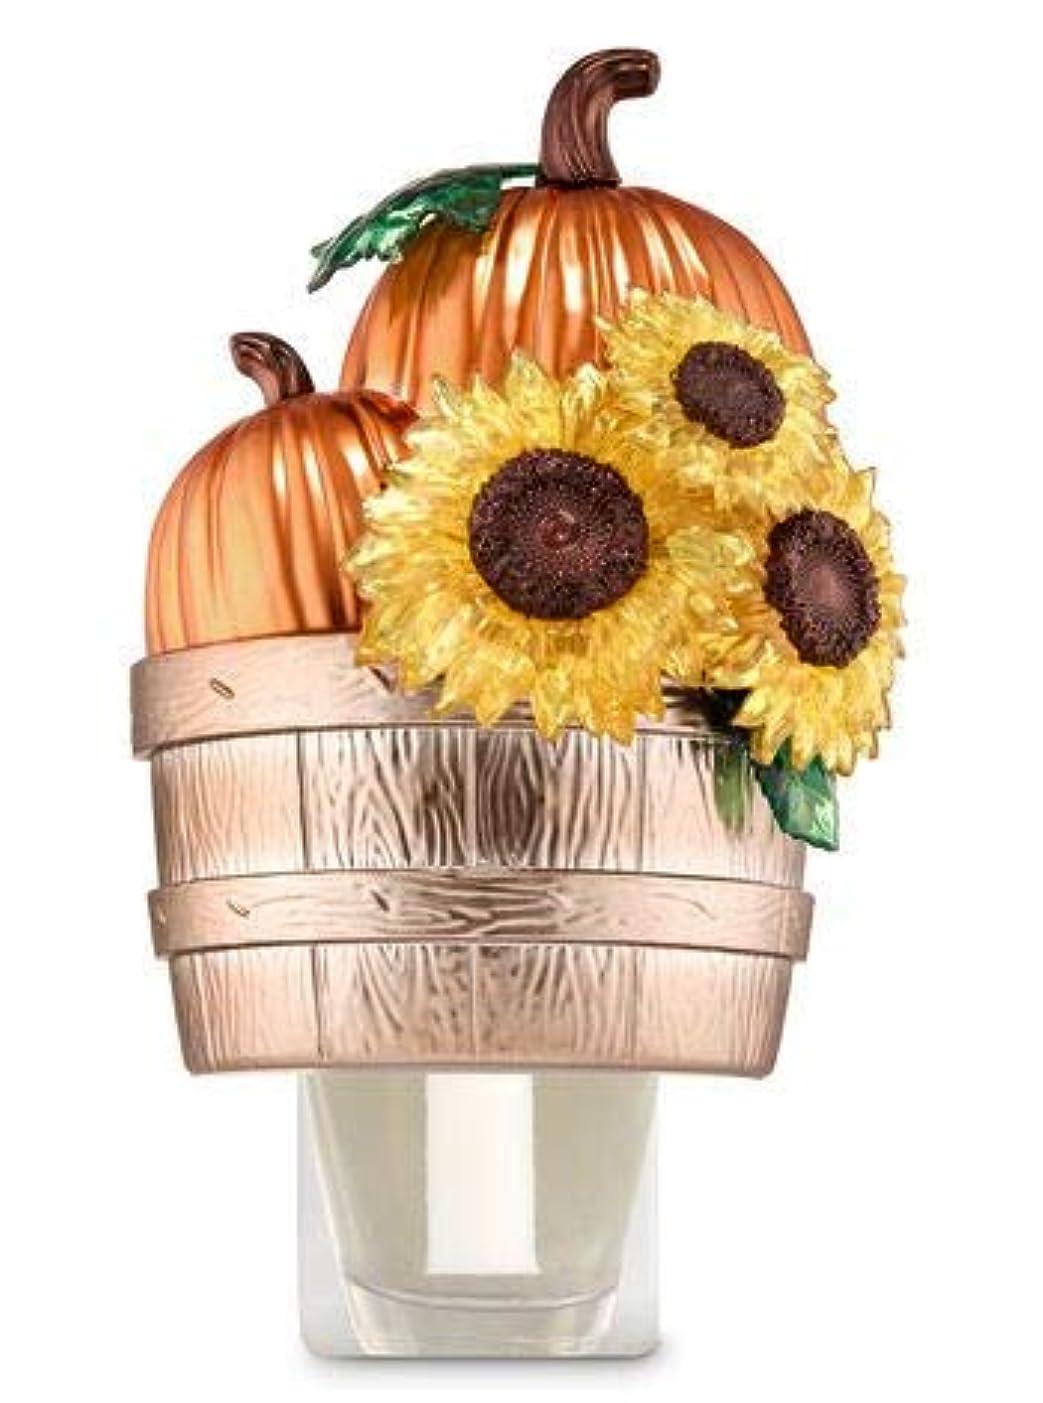 ペース上院の間に【Bath&Body Works/バス&ボディワークス】 ルームフレグランス プラグインスターター (本体のみ) パンプキン&サンフラワーバスケット Wallflowers Fragrance Plug Pumpkins & Sunflowers Basket [並行輸入品]